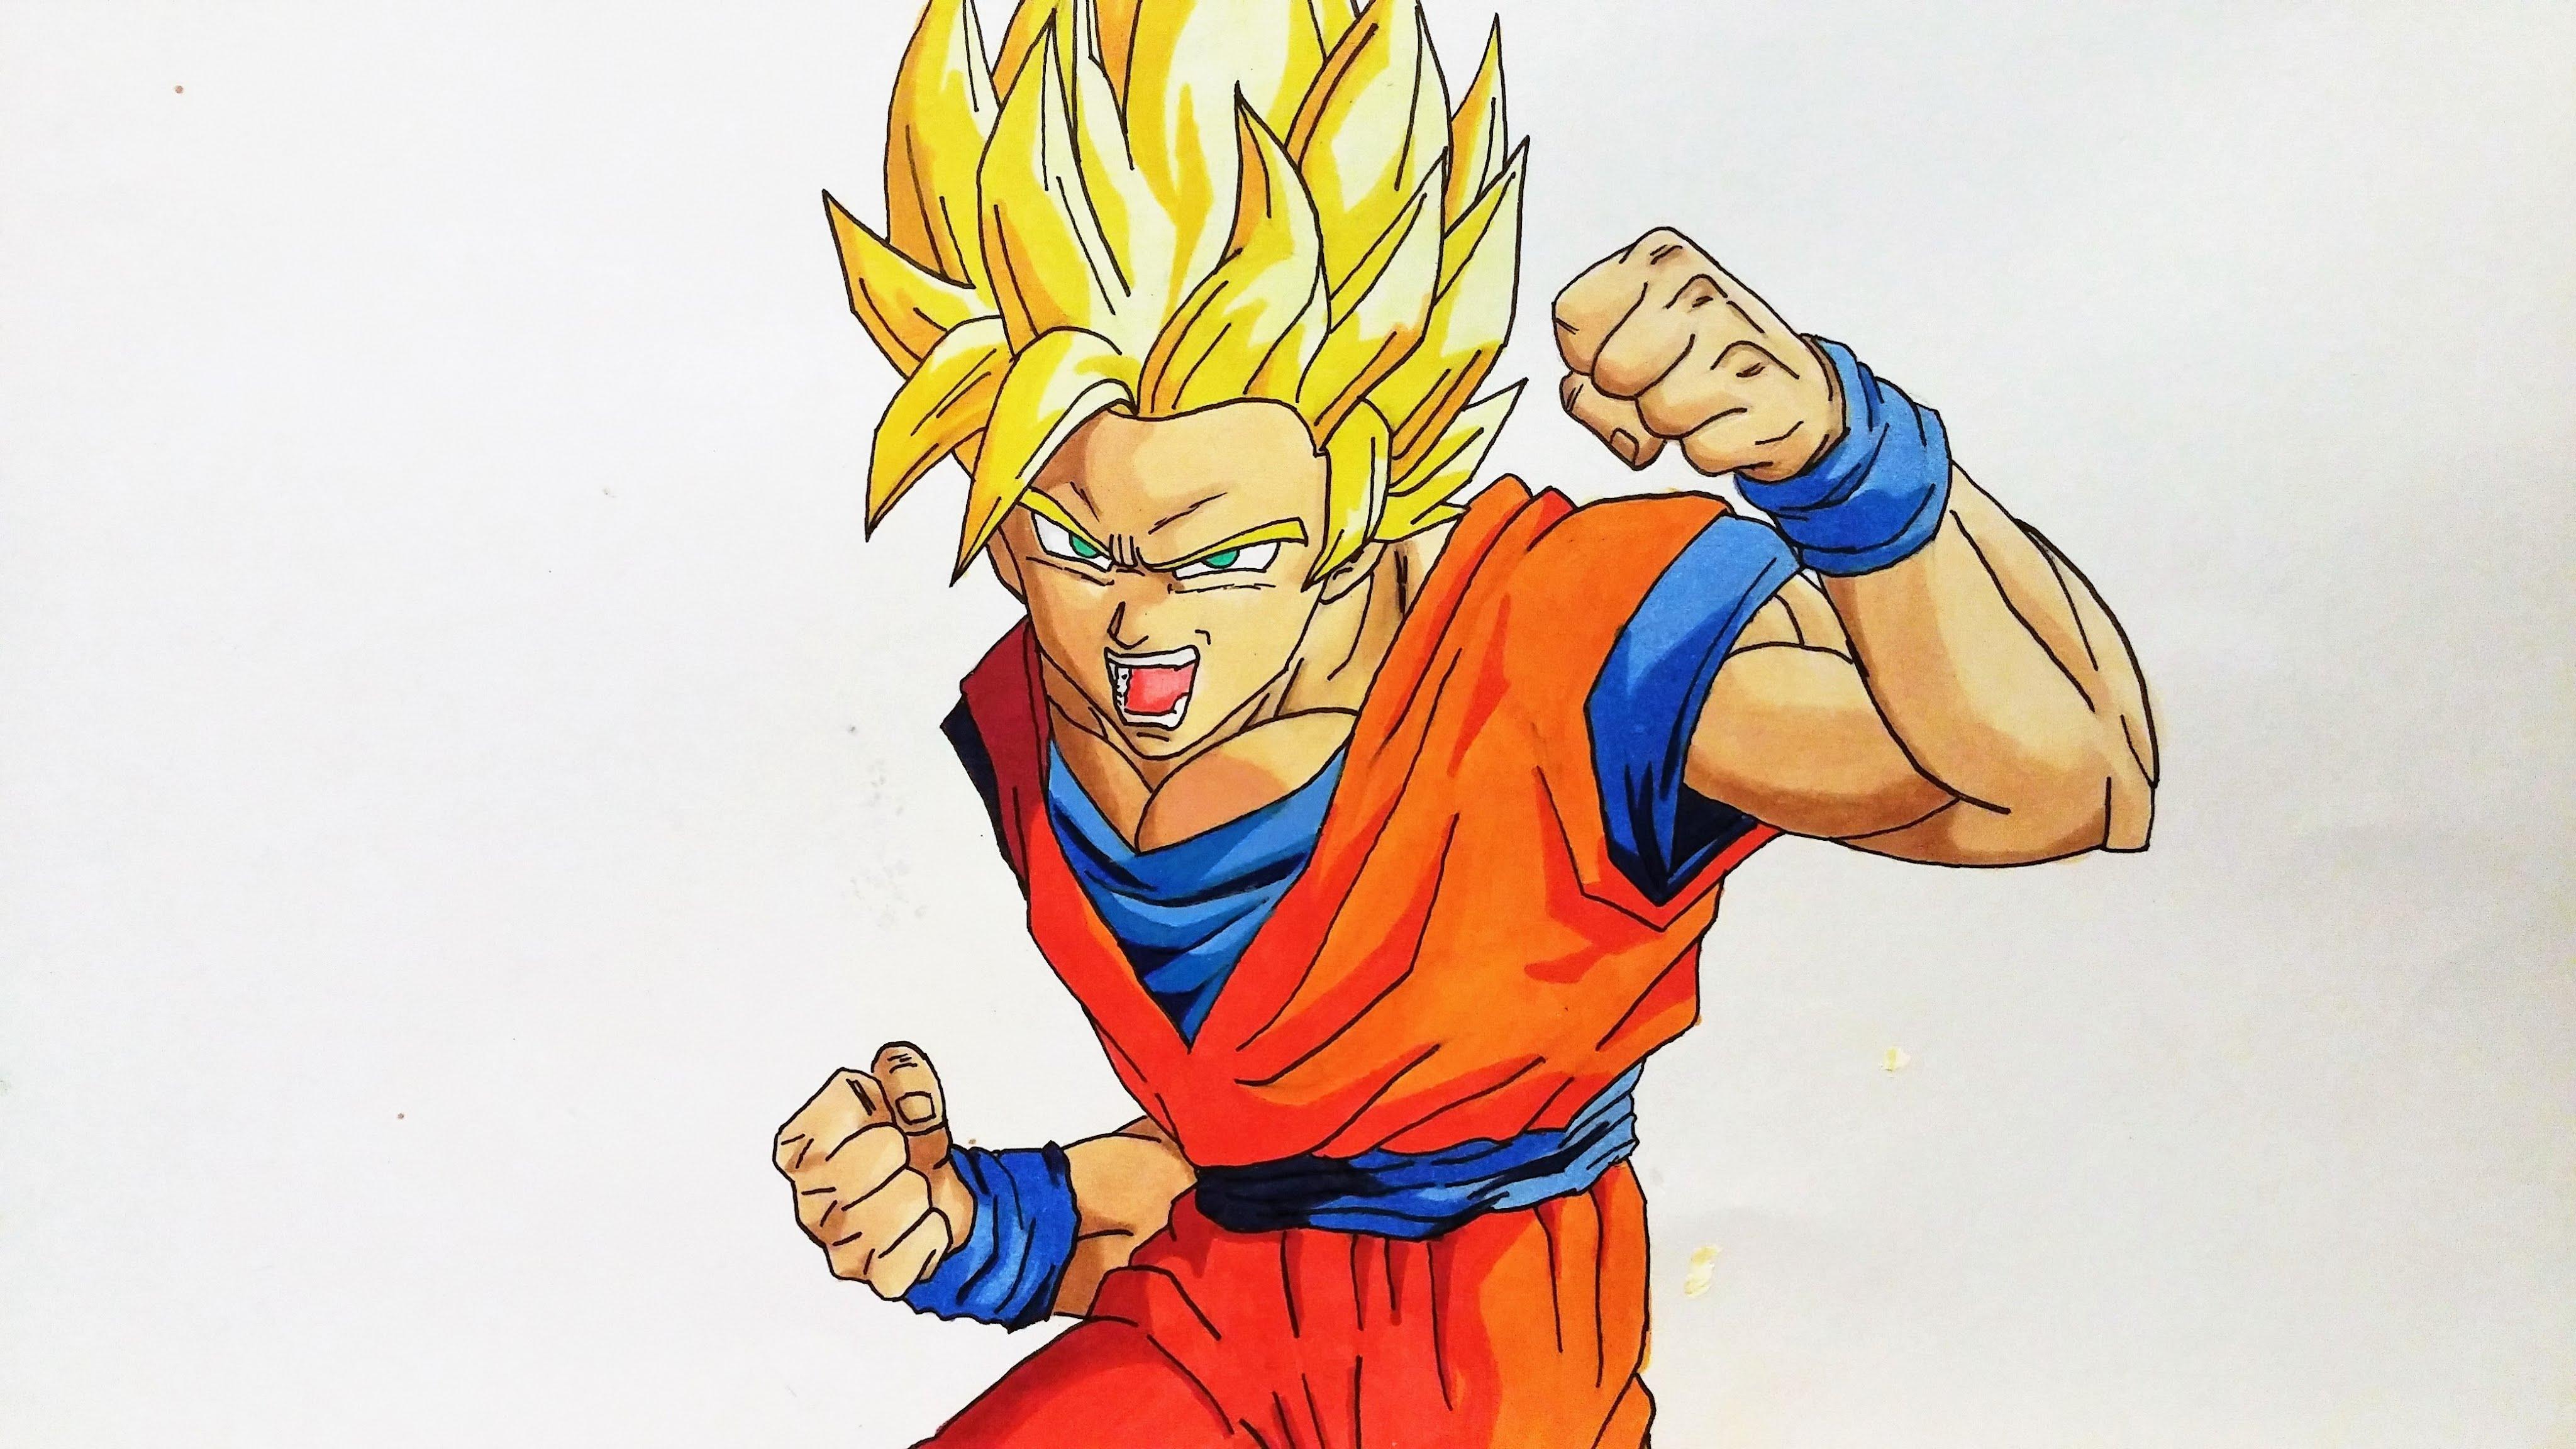 Goku Fase 10 Para Colorear: Imagenes De Goku Super Saiyan Blue Para Dibujar Djdareve Com